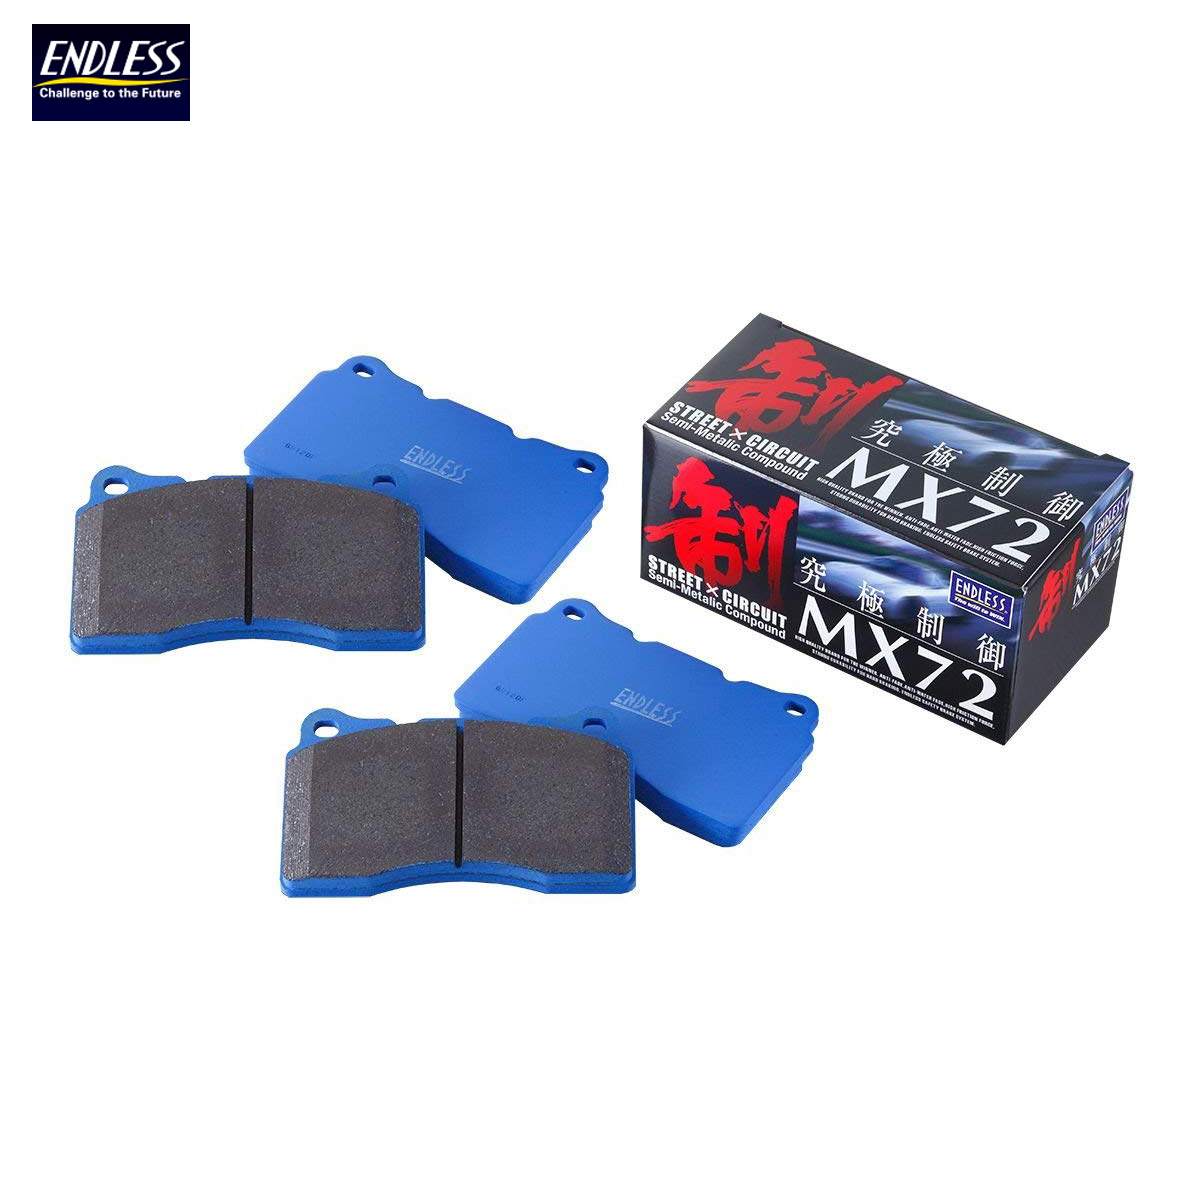 ENDLESS エンドレス ブレーキパッド MX72セット フロント EP403 リア EP385 アルファード ハイブリッド ATH10W